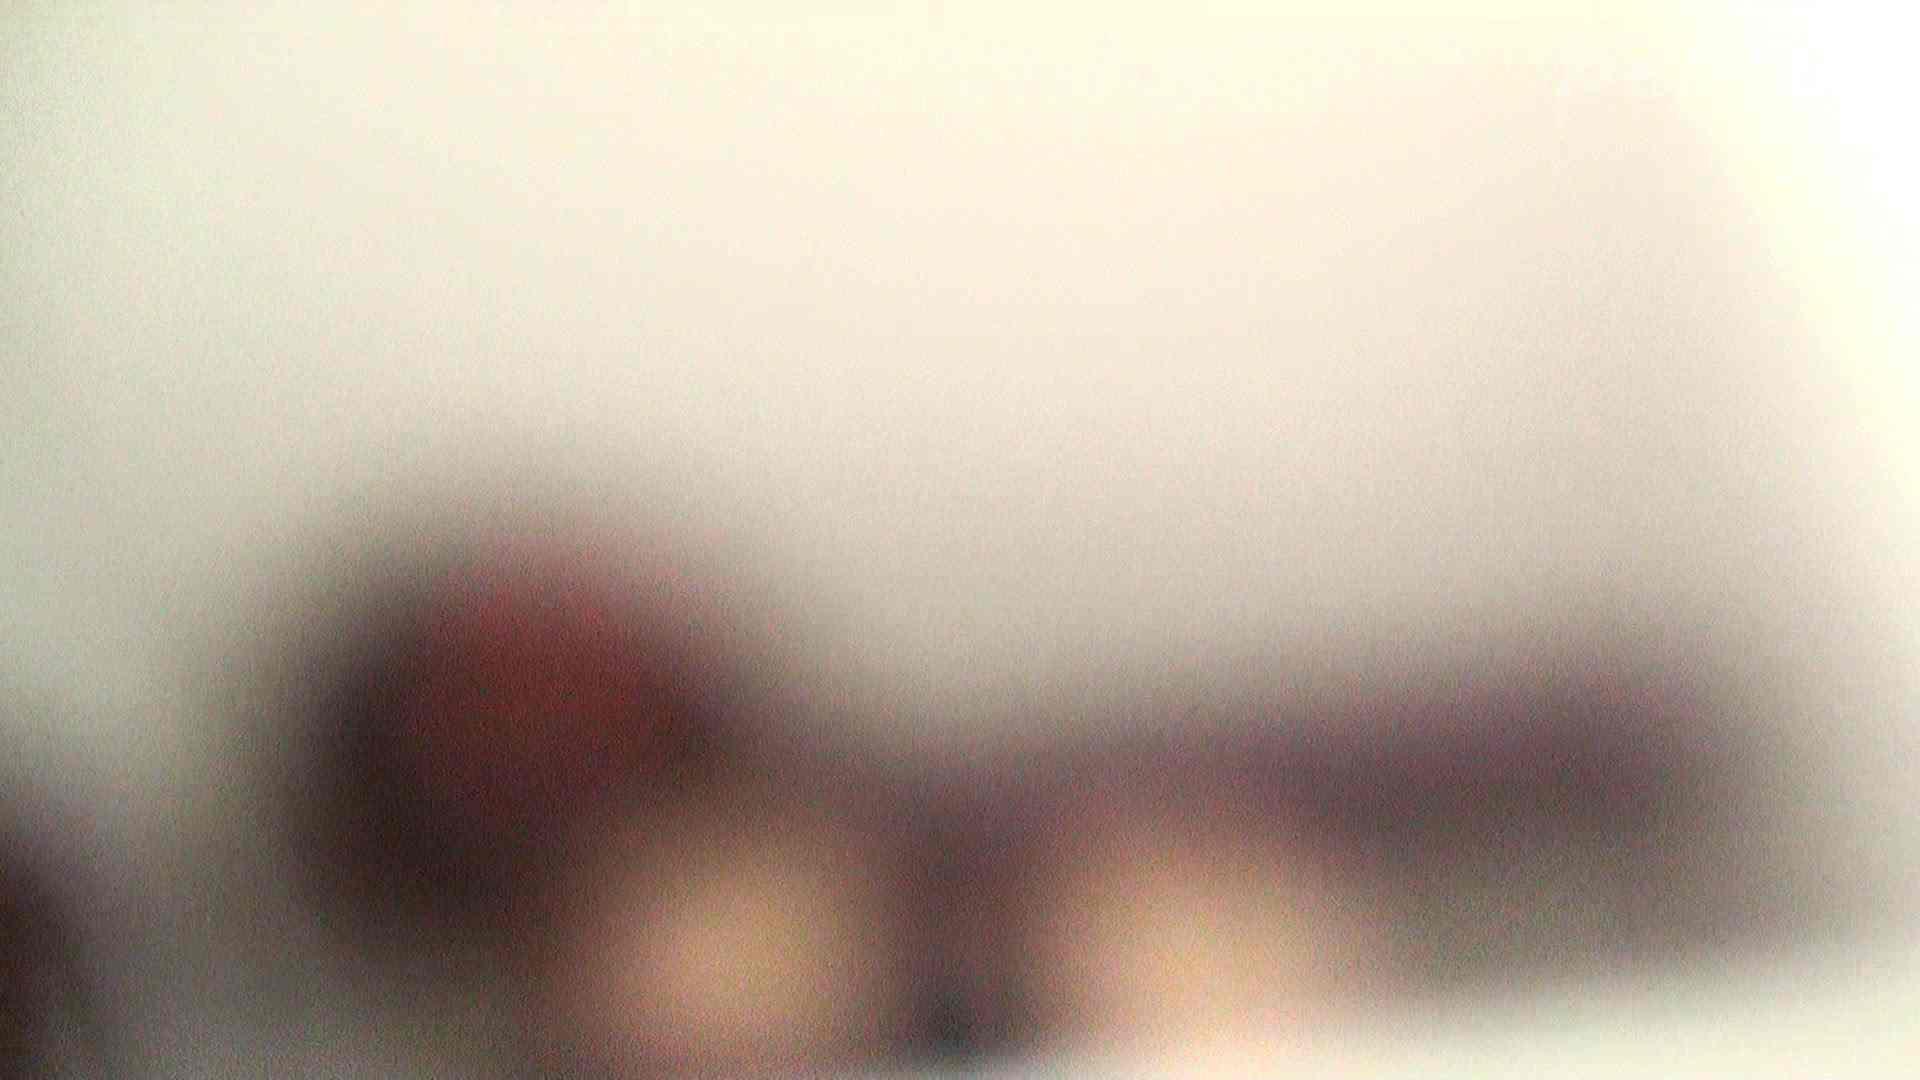 ※100個限定販売 至高下半身盗撮 プレミアム Vol.8 ハイビジョン 丸見え ヌード画像 111画像 106